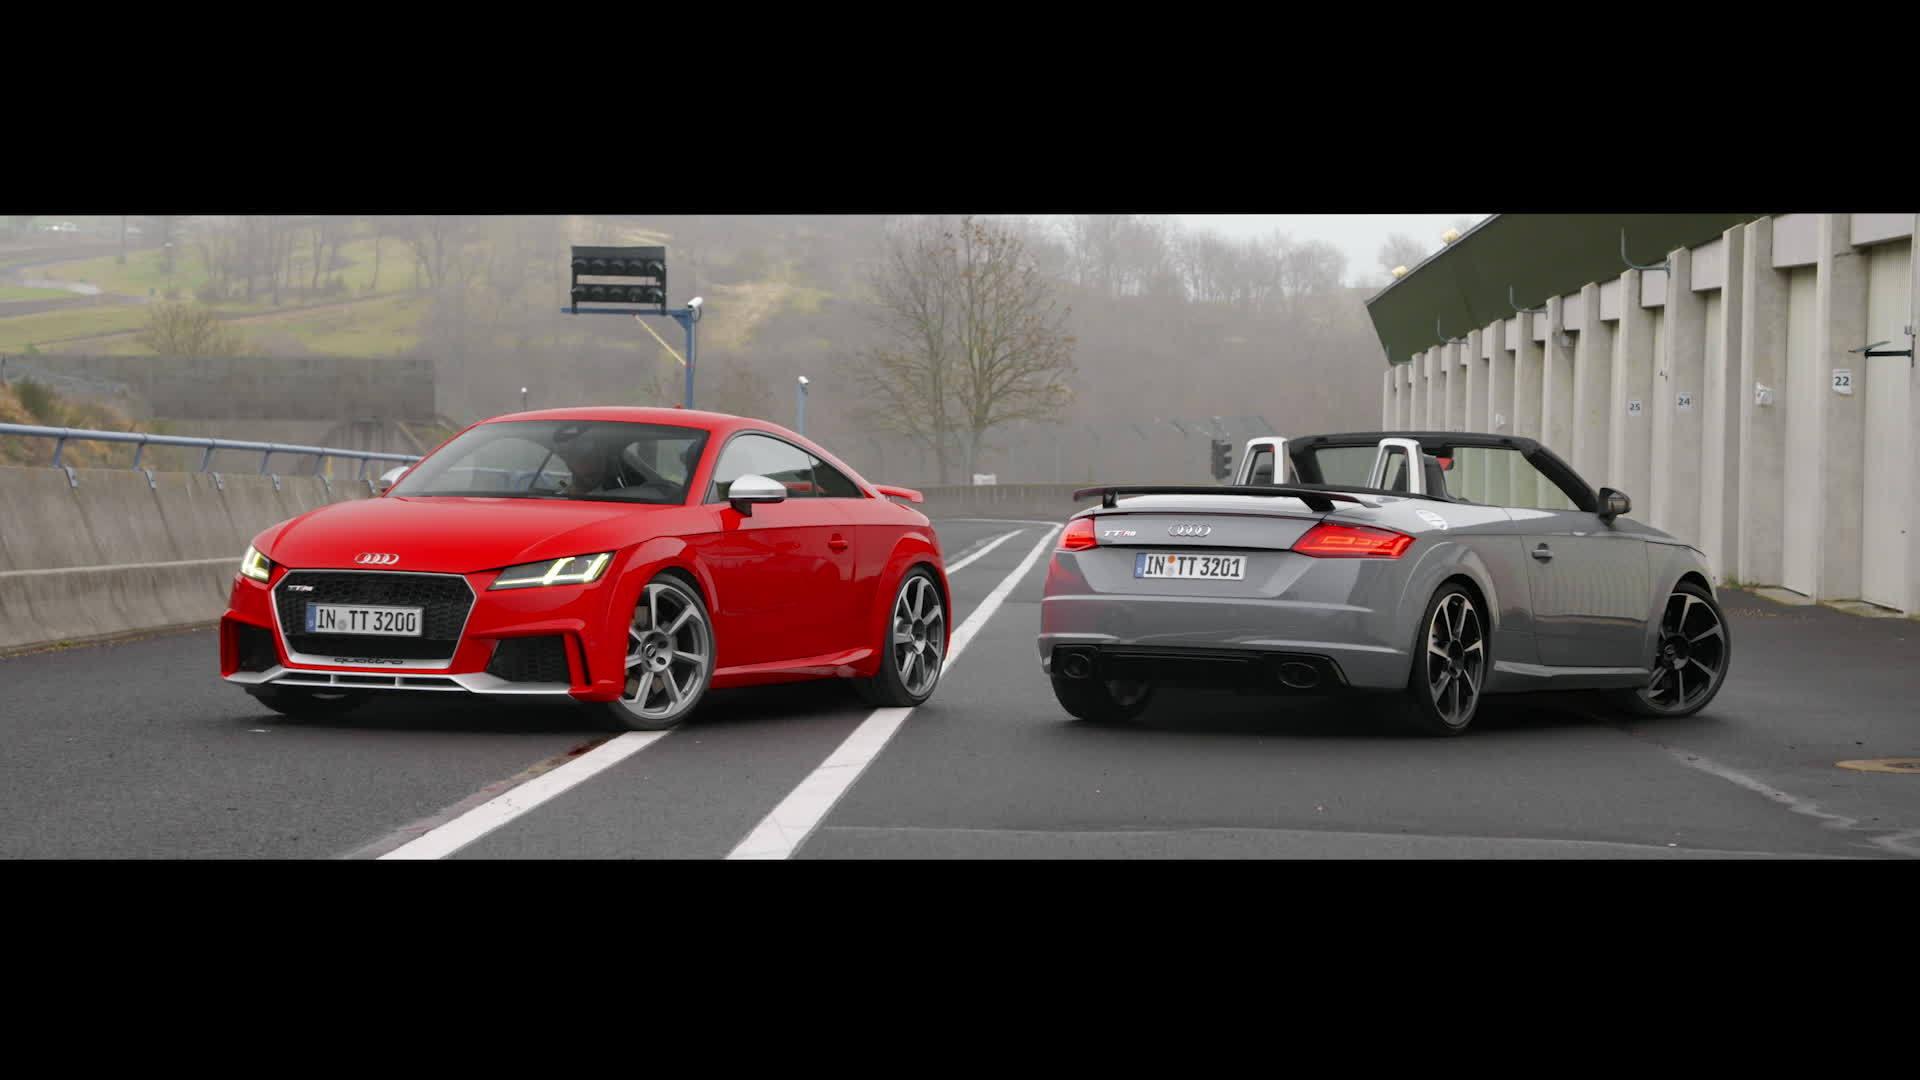 Audi Tt Rs Roadster 2016 Audi Mediacenter